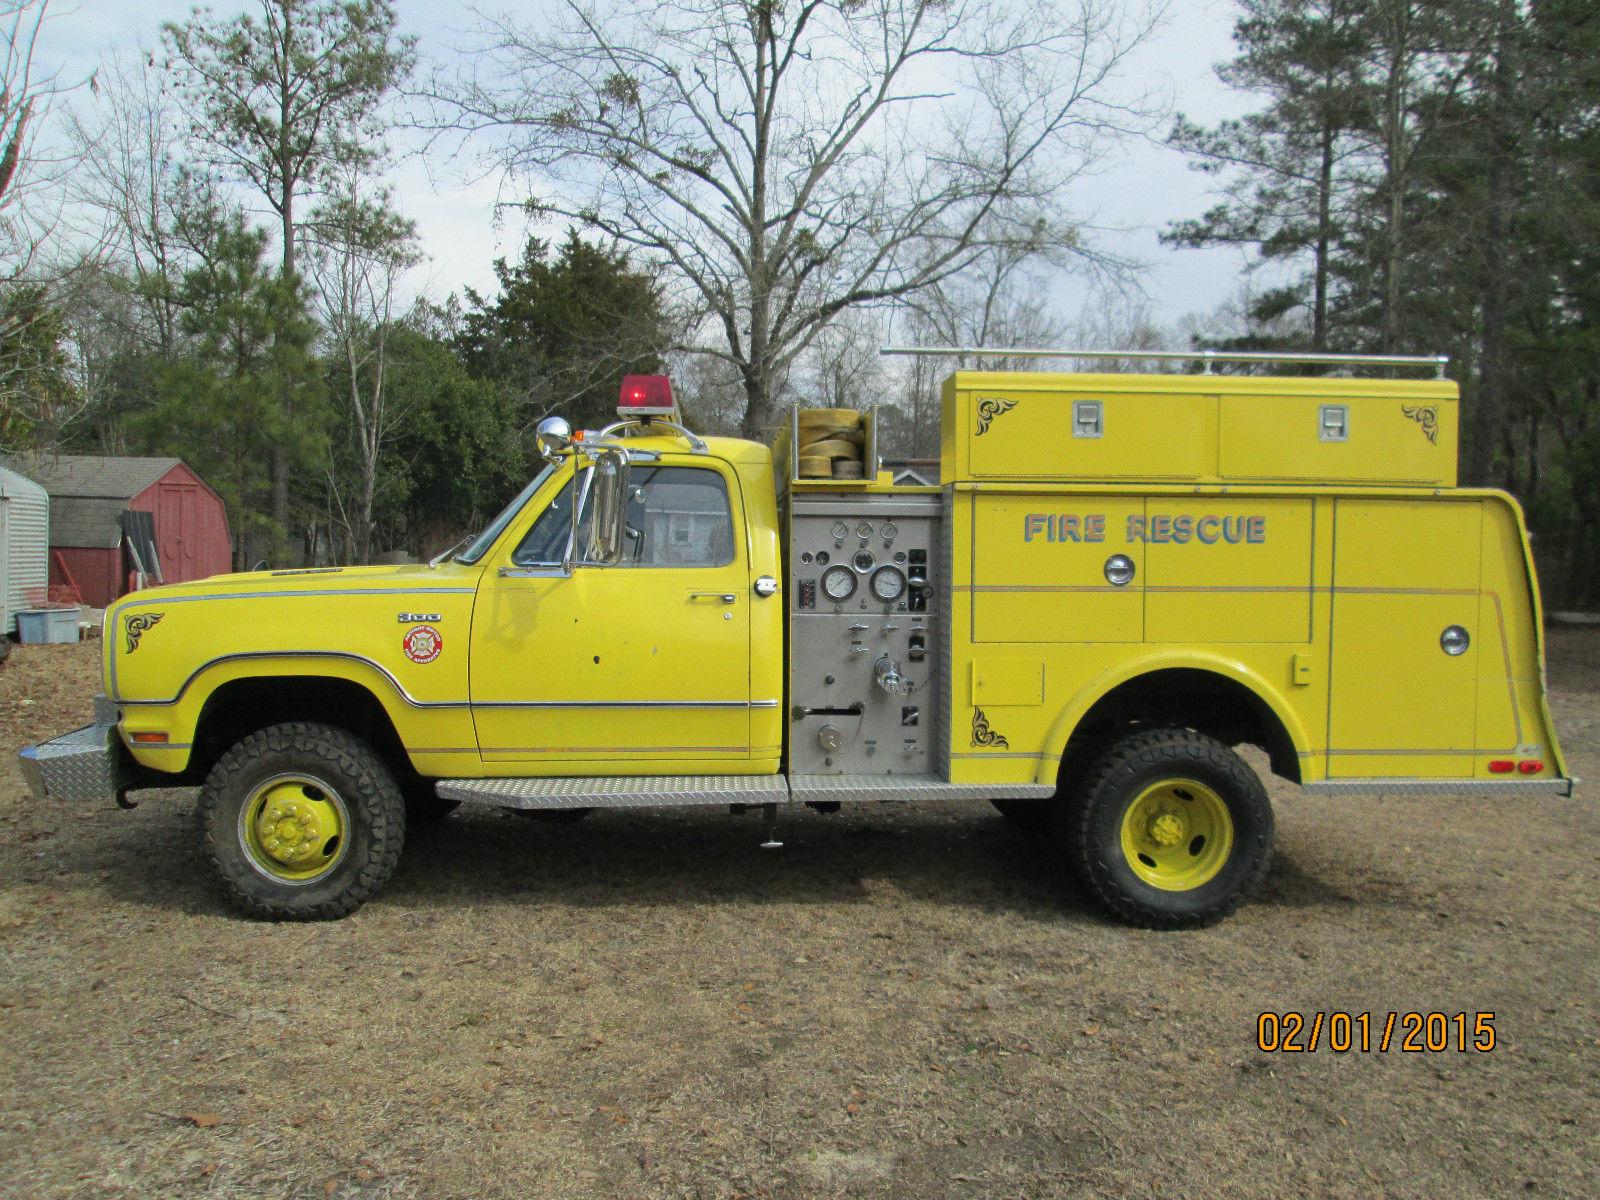 1976 Dodge Power Wagon W300 Mini Pumper Fire Truck 20,943 Miles No Reserve for sale in ...